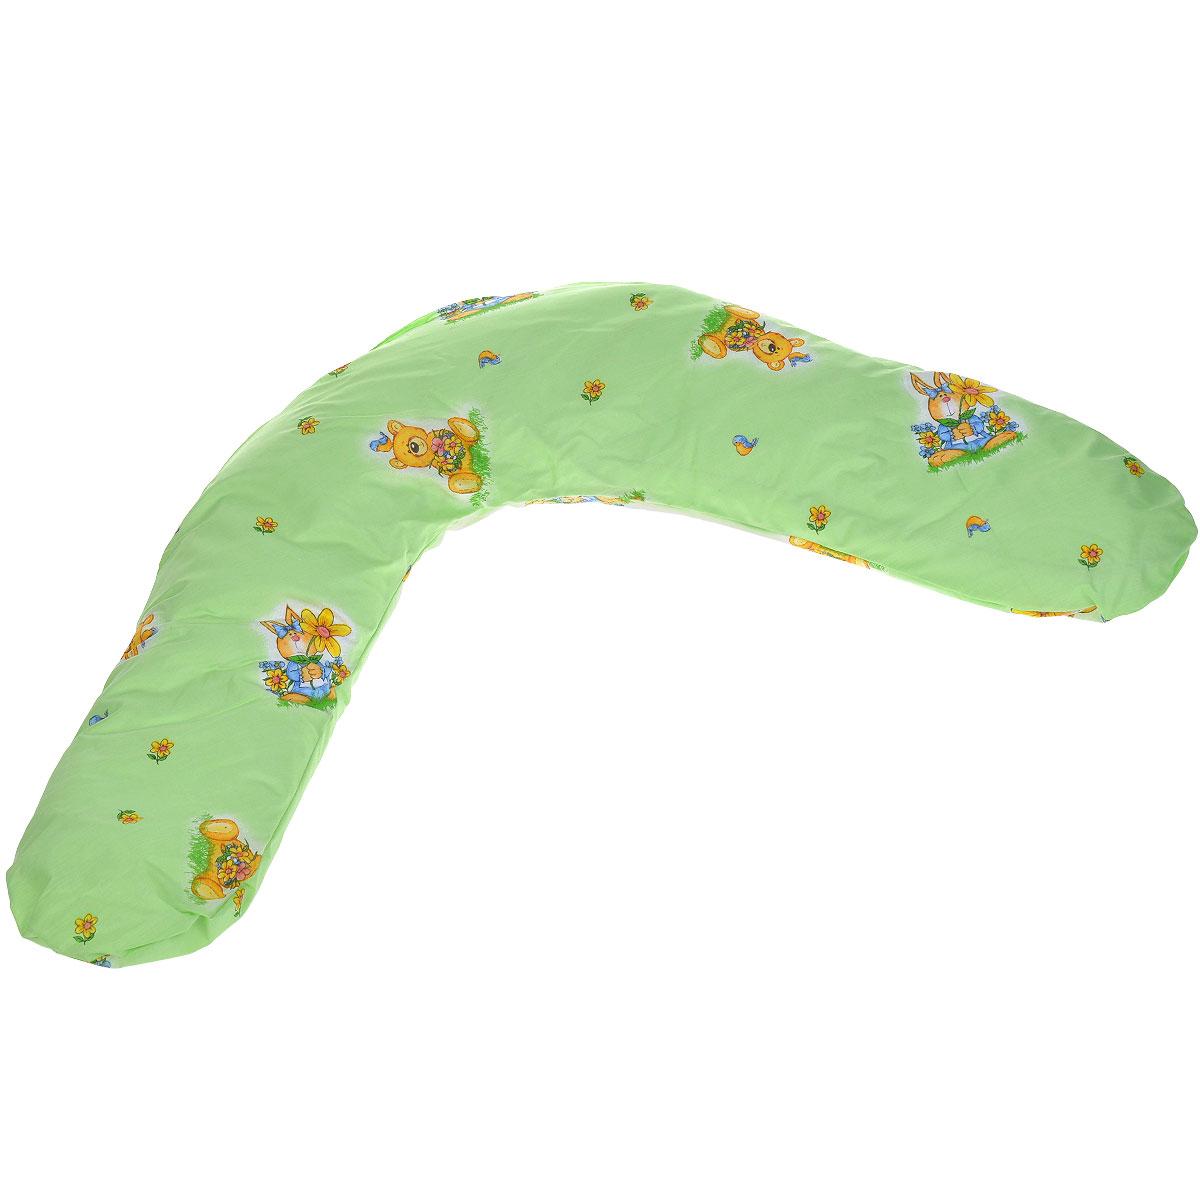 Подушка для кормления Selby, универсальная, цвет: салатовый. 55365536салатовыйУниверсальная подушка Selby идеально подходит для малышей с рождения, а также для женщин во время беременности и периода кормления ребенка грудью. Выполнена из хлопка с изображением медвежат, внутри - мягкий наполнитель из полистирола. Подушка поддерживает ребенка, когда он лежит на животике, что очень полезно для развития мускулатуры спины и рук. Во время беременности подушка обеспечивает будущей маме комфортное положение во время сна и отдыха, поддерживает живот и уменьшает прогиб позвоночника. Во время кормления грудью подушка дает возможность удобно держать ребенка на уровне груди, способствует уменьшению усталости рук и спины. Чехол на молнии, поэтому легко снимается и стирается. Машинная стирка (60°С) и деликатный отжим. Список вещей в роддом. Статья OZON Гид